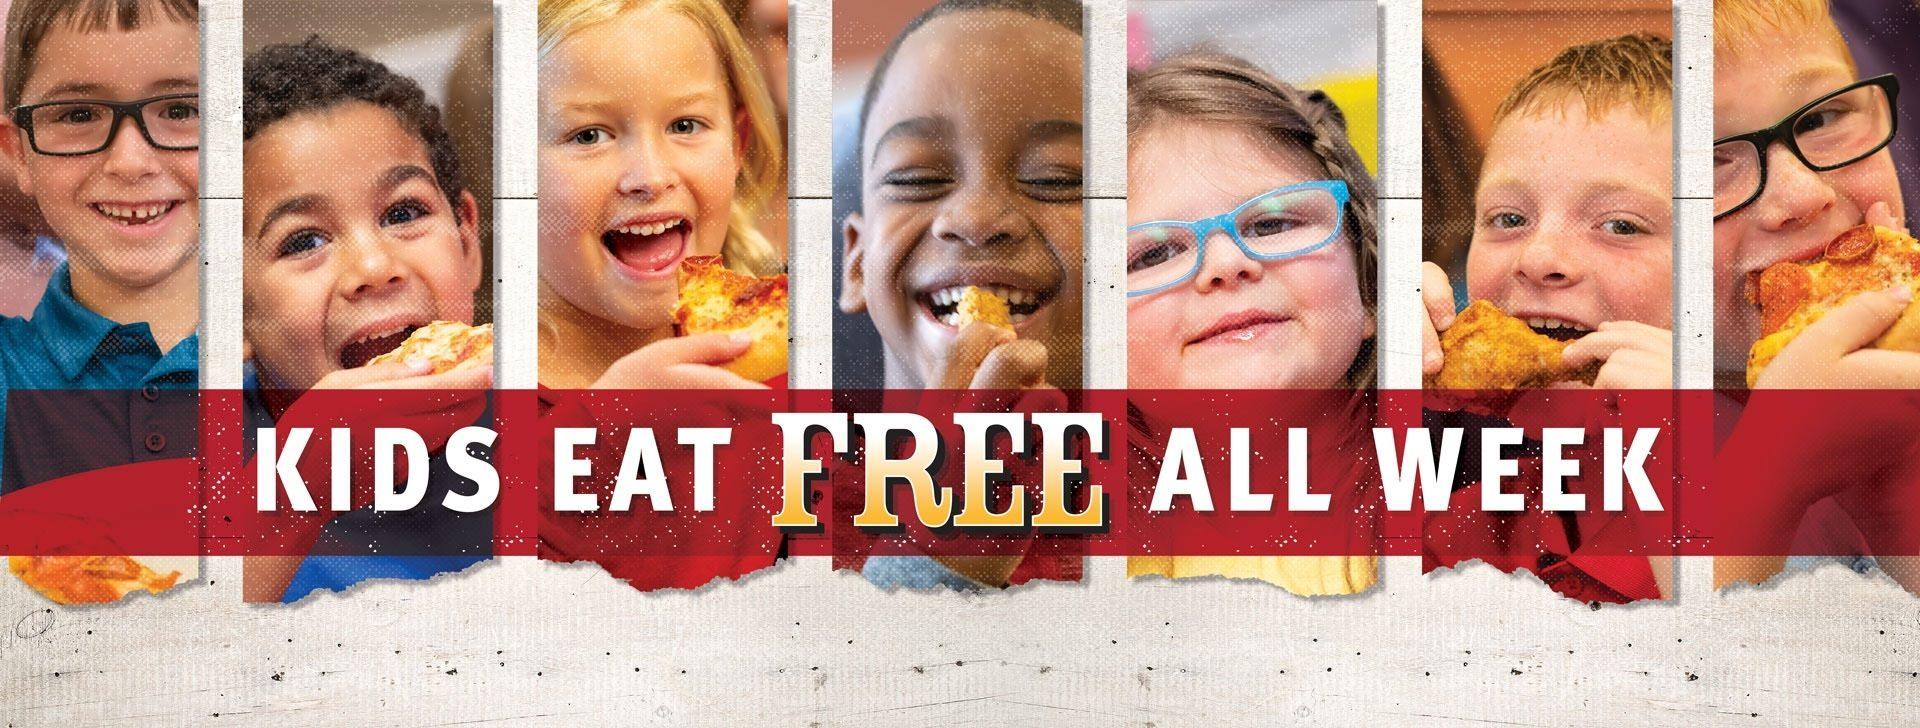 Kids Eat Free Week Landing Page 1920x728